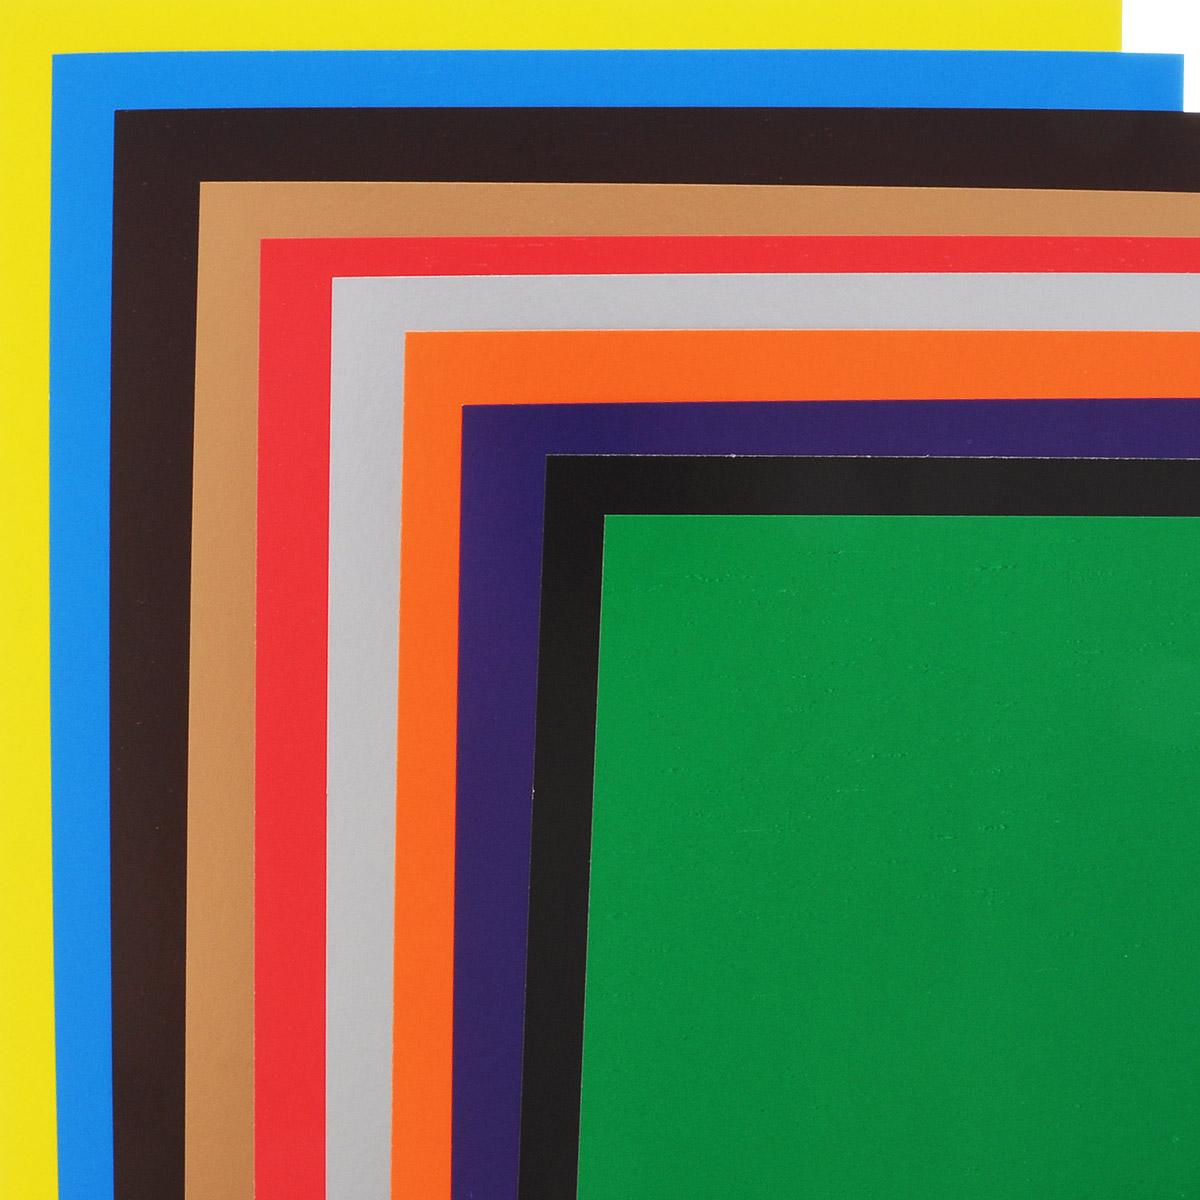 Цветной картон Смурфики идеально подойдет для творческих занятий в детском саду, школе или дома.  Картон упакован в яркую картонную папку, оформленную рисунком с изображением смурфика. Упаковка содержит десять листов картона разных цветов (оранжевый, зеленый, желтый, черный, синий, фиолетовый, красный, коричневый, золотой и серебряный).  Создание поделок и аппликаций из картона - это увлекательный досуг, который позволяет ребенку развивать свои творческие способности.   Рекомендуемый возраст: от 3 лет.